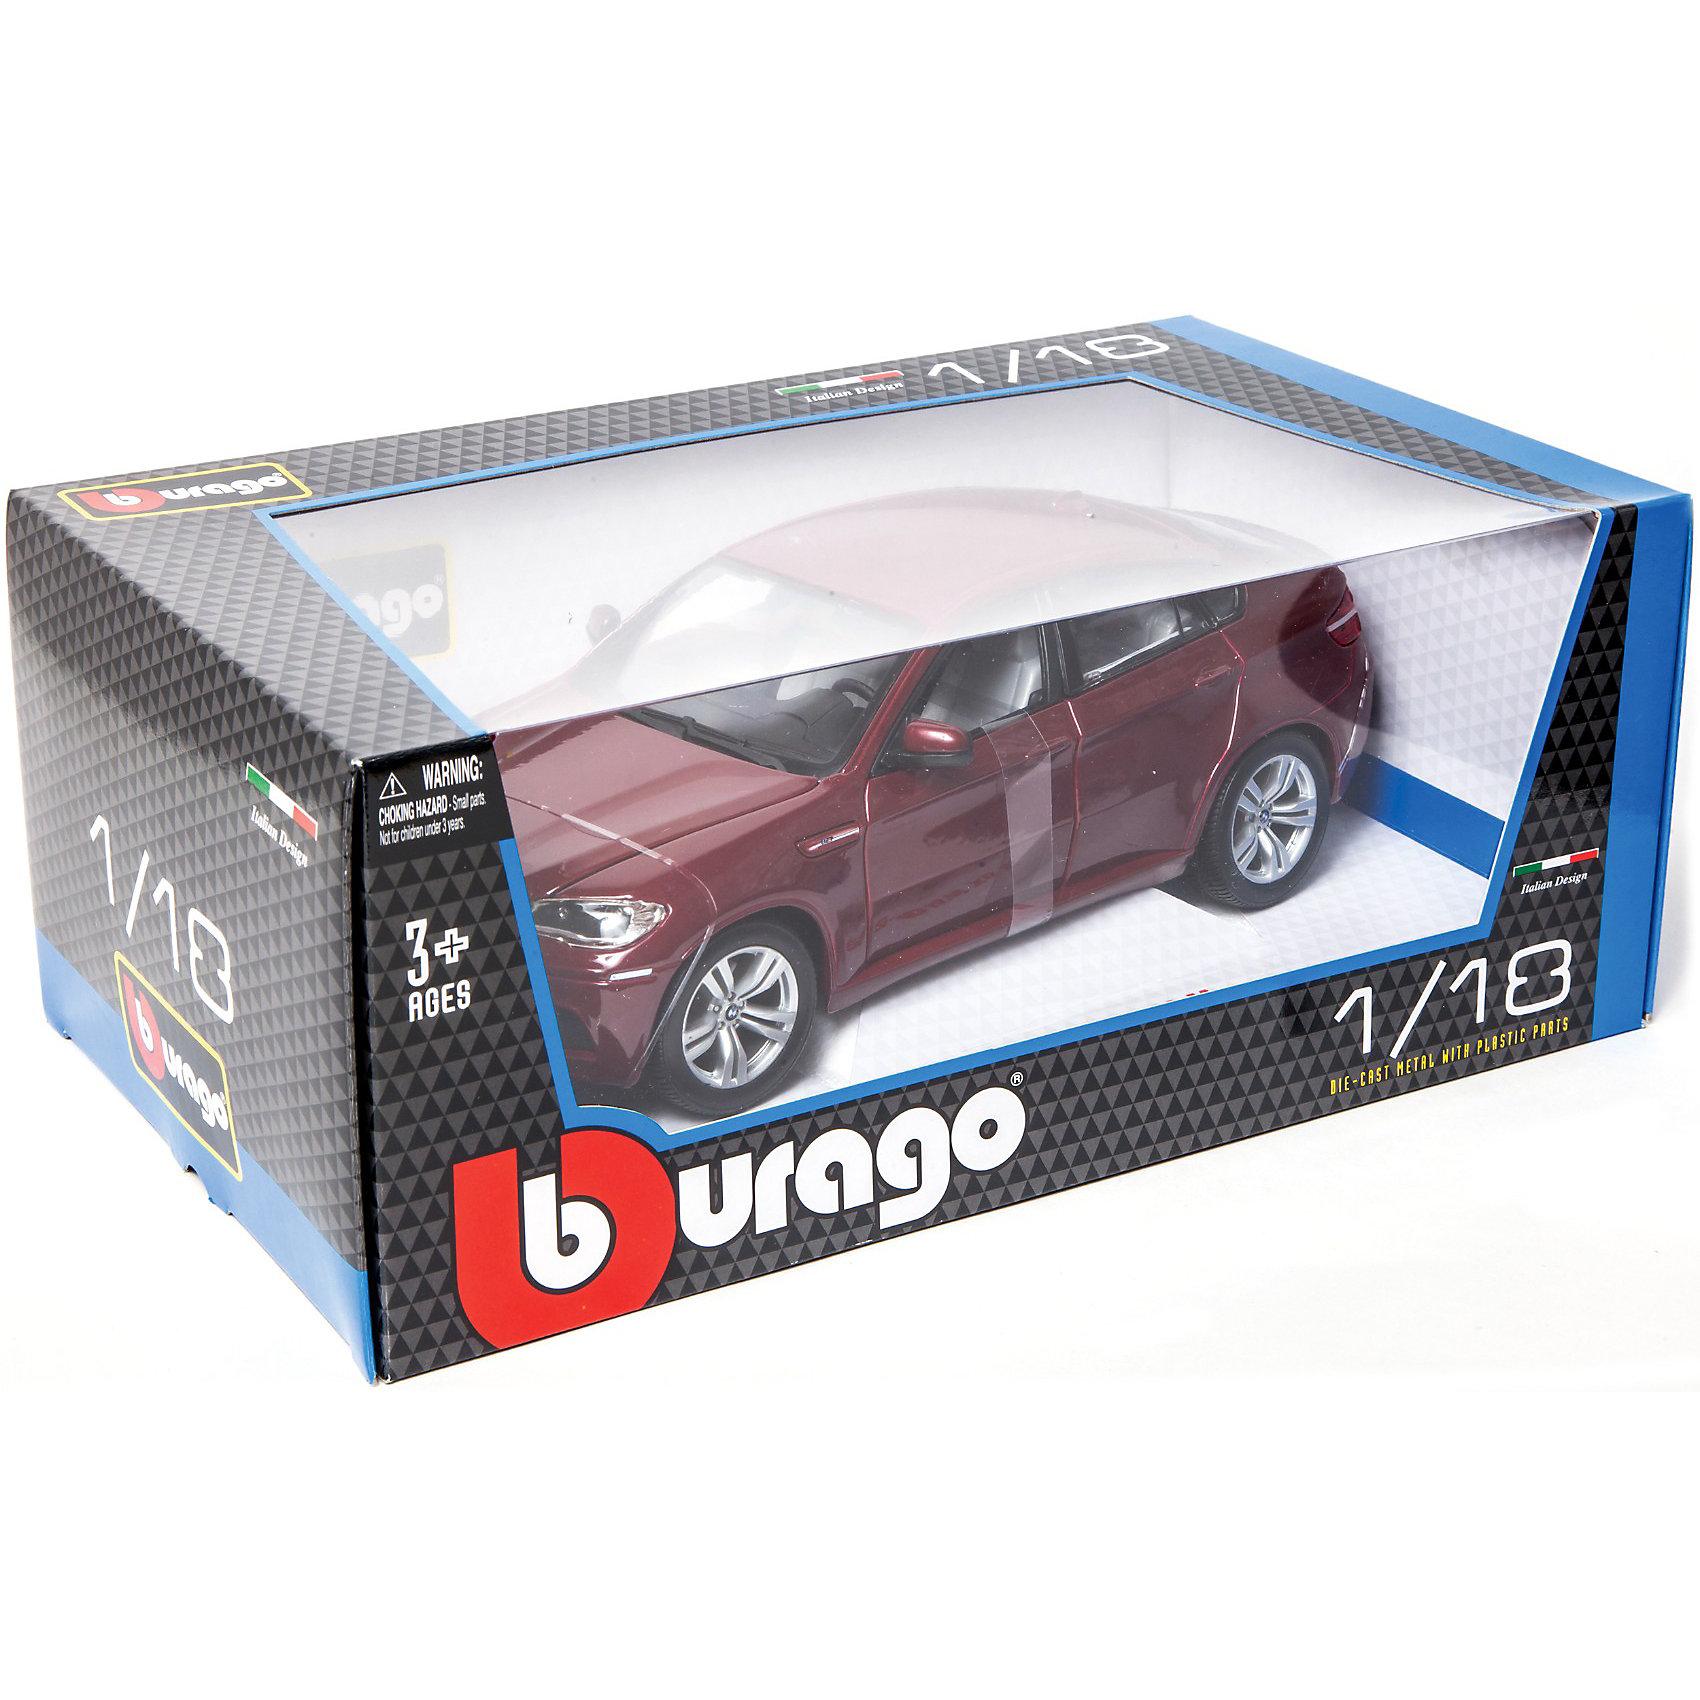 ������ BMW X6 M ������., 1:18, Bburago